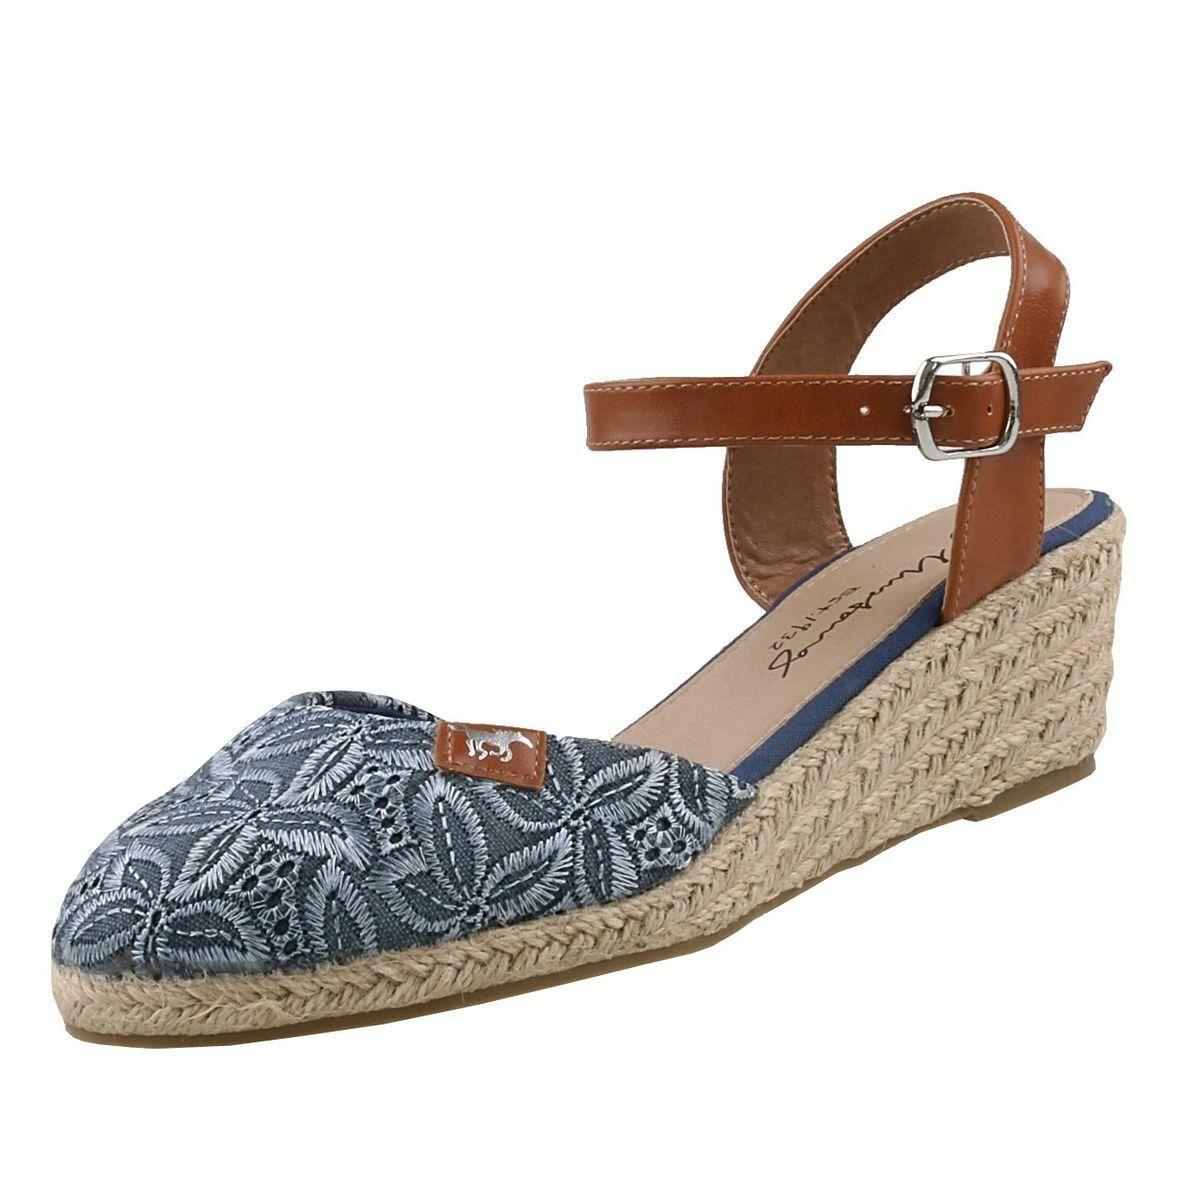 Neuf Mustang chaussures pour femmes Sandales Compensées Escarpins Semelle